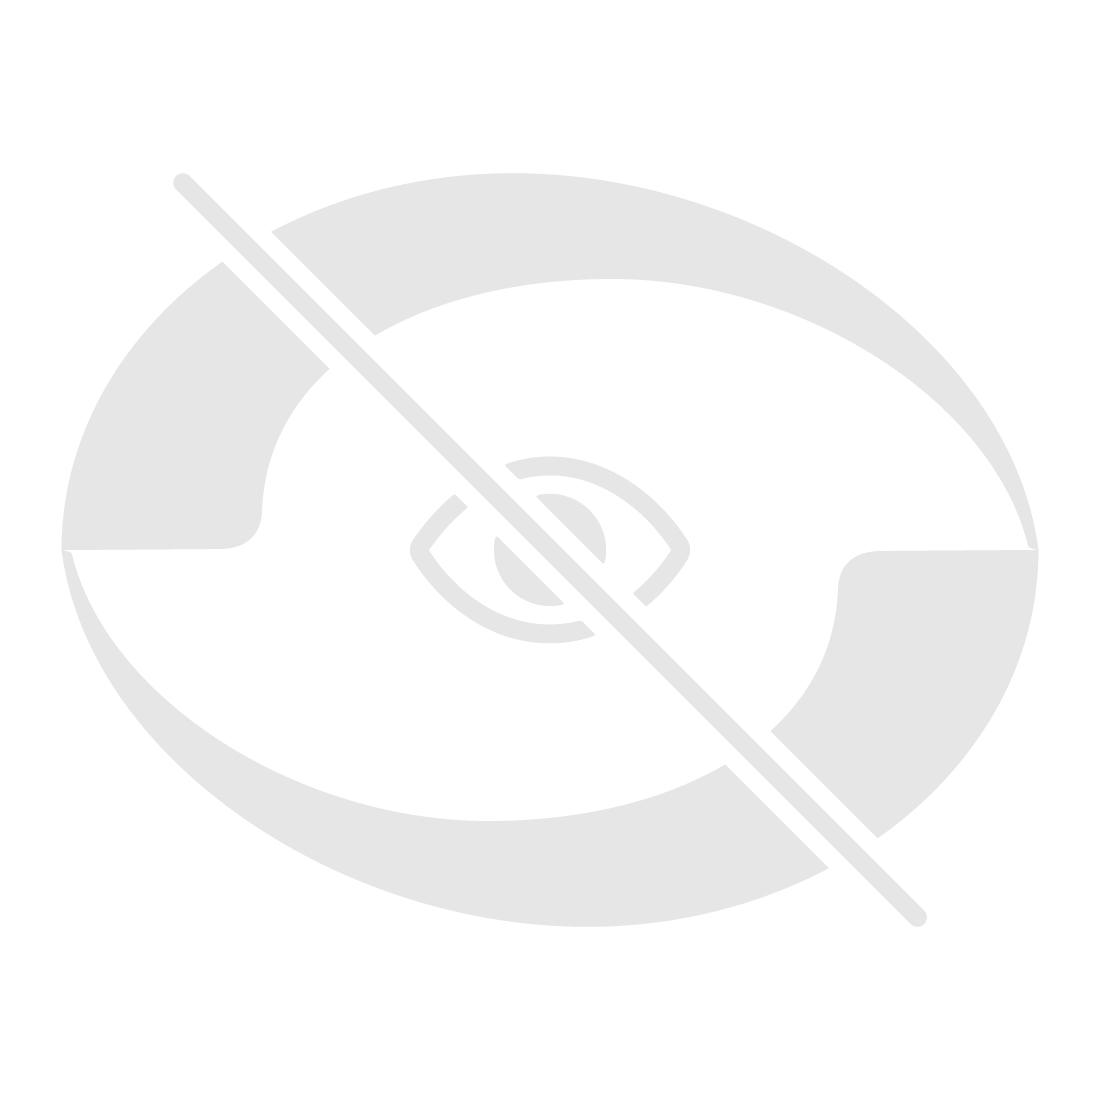 Switch Mode DIN Rail Power Supply, 12 V DC / 4.5 A / 54 W